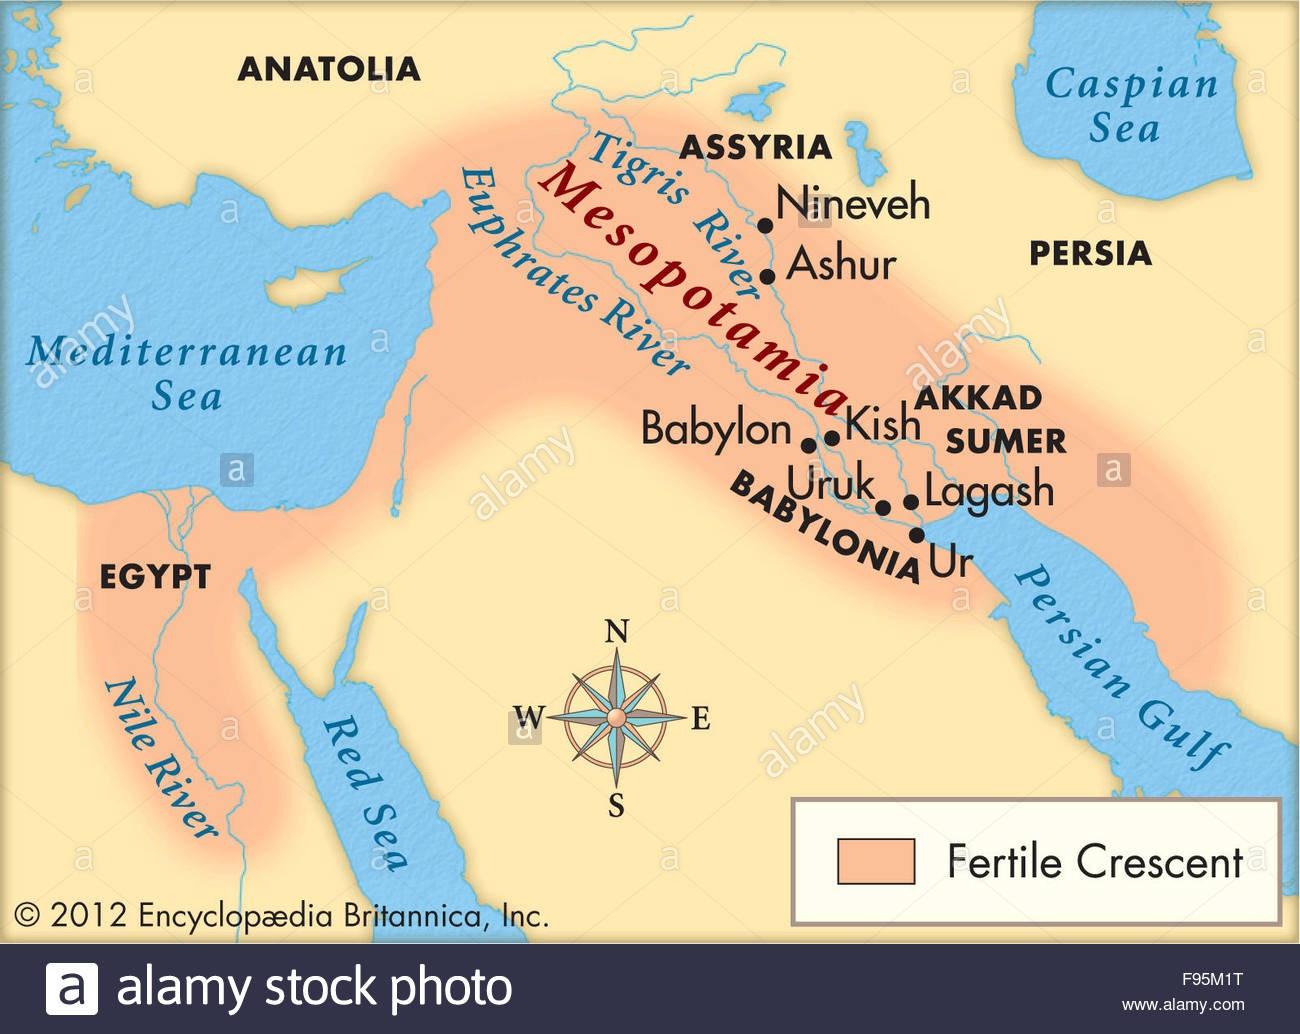 Mesopotamia Stock Photos & Mesopotamia Stock Images - Alamy - Free Printable Map Of Mesopotamia